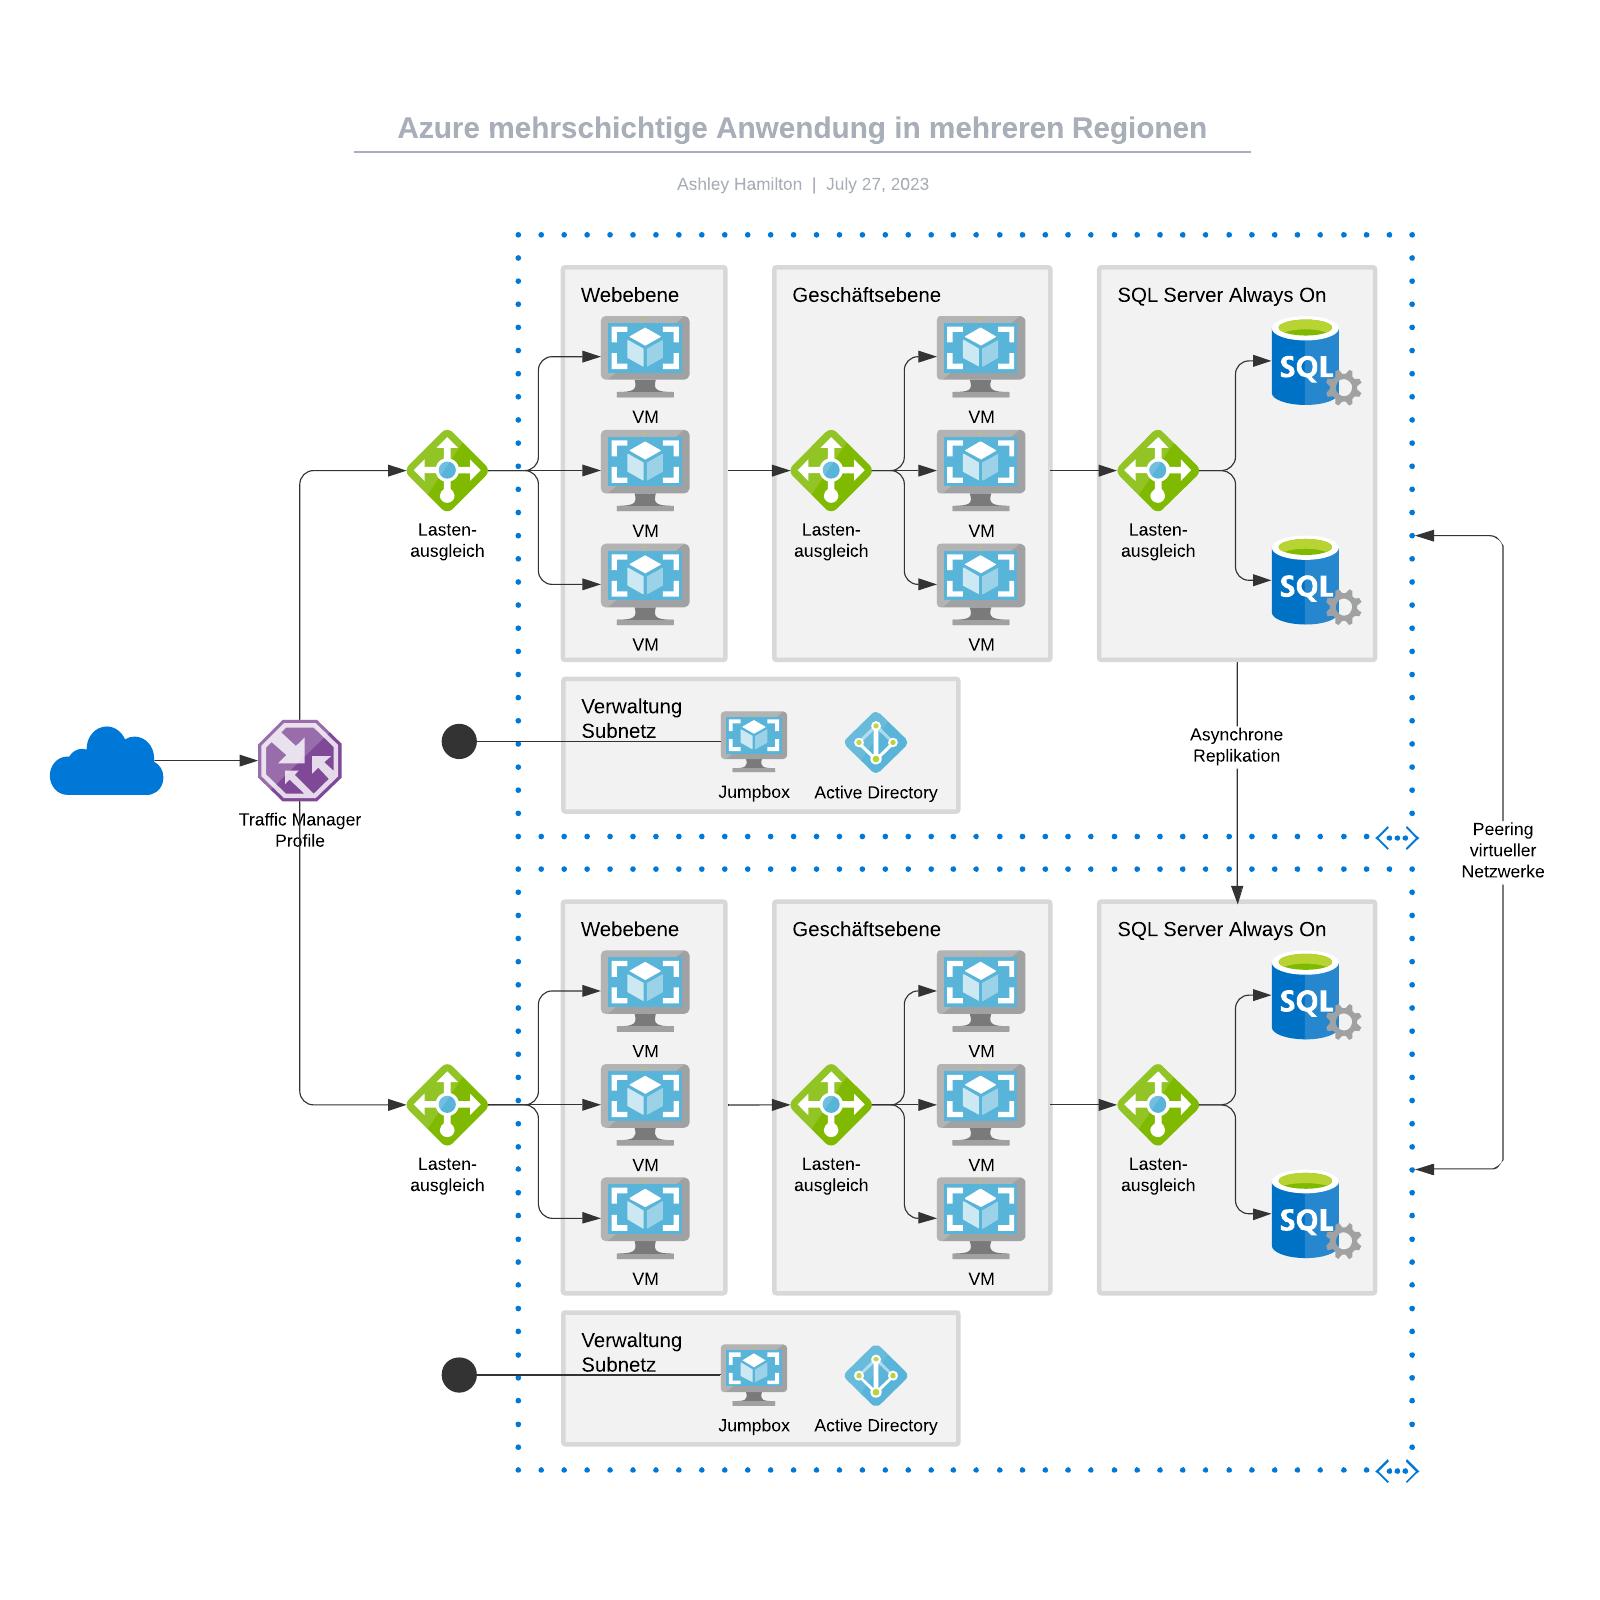 Azure mehrschichtige Anwendung in mehreren Regionen